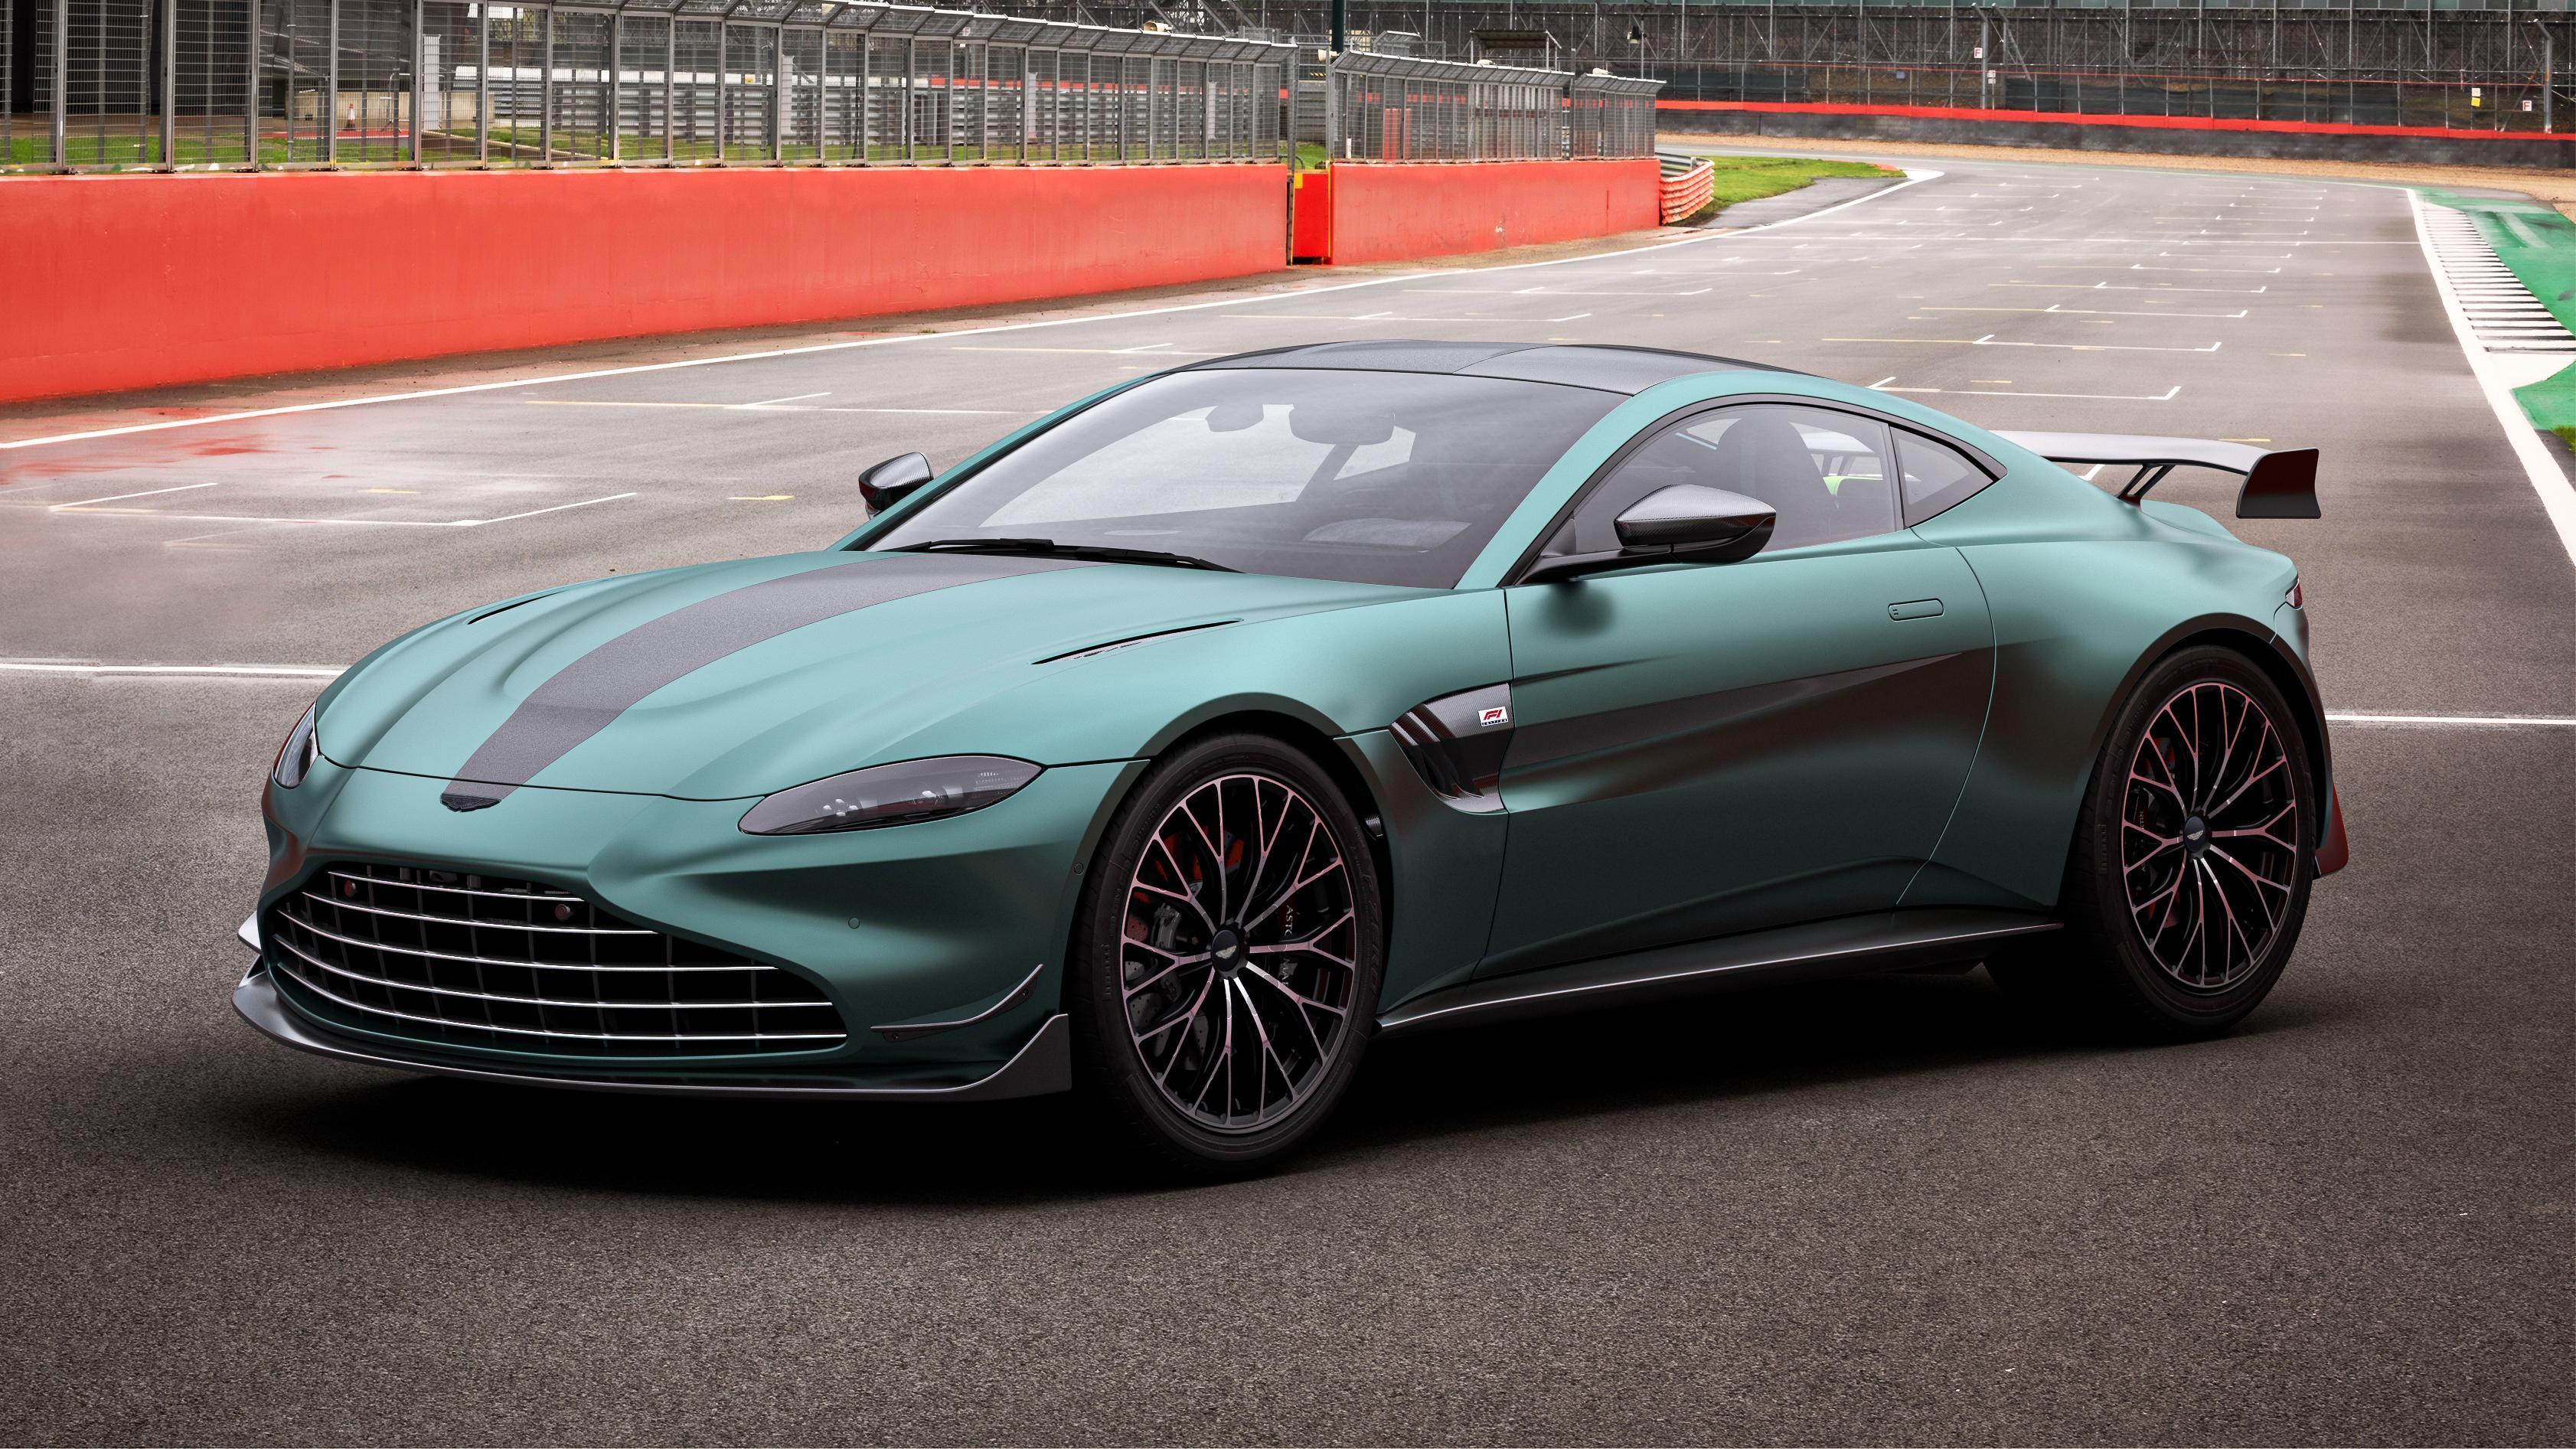 Aston Martin Vantage F1 Edition coming to Australia in 2021